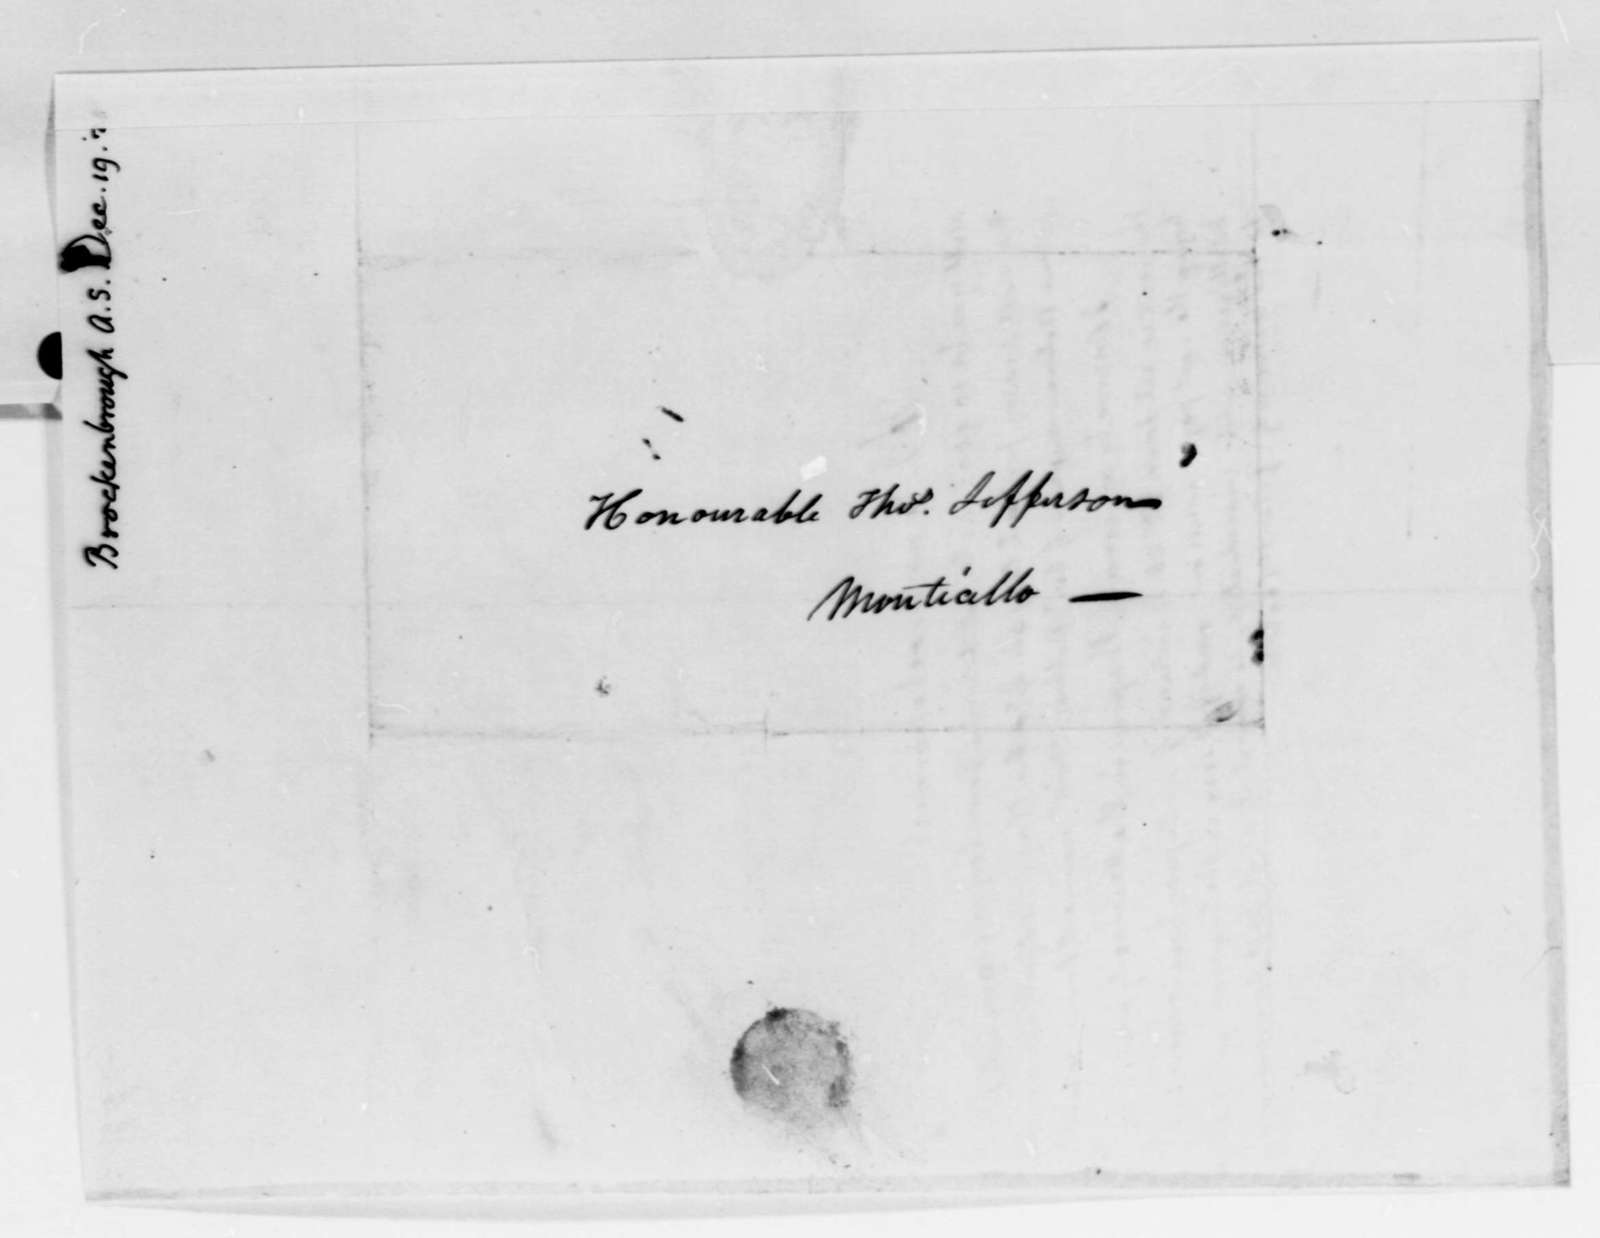 Thomas Jefferson to Arthur S. Brockenbrough, December 19, 1825